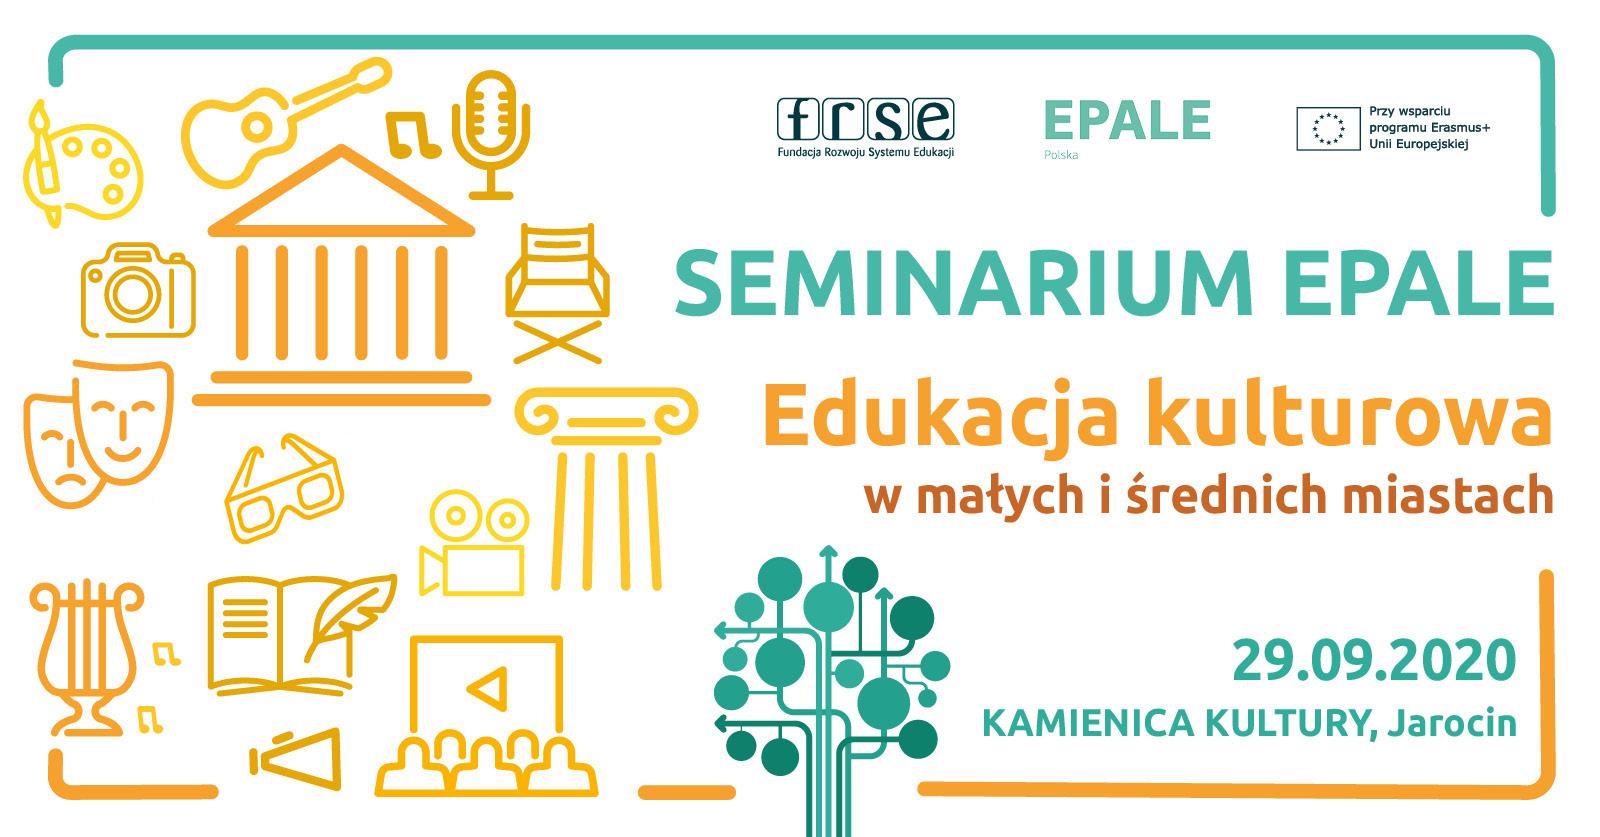 Przypominamy! Seminarium EPALE: Edukacja kulturowa w małych i średnich miastach już za tydzień (29.09). Zapraszamy!